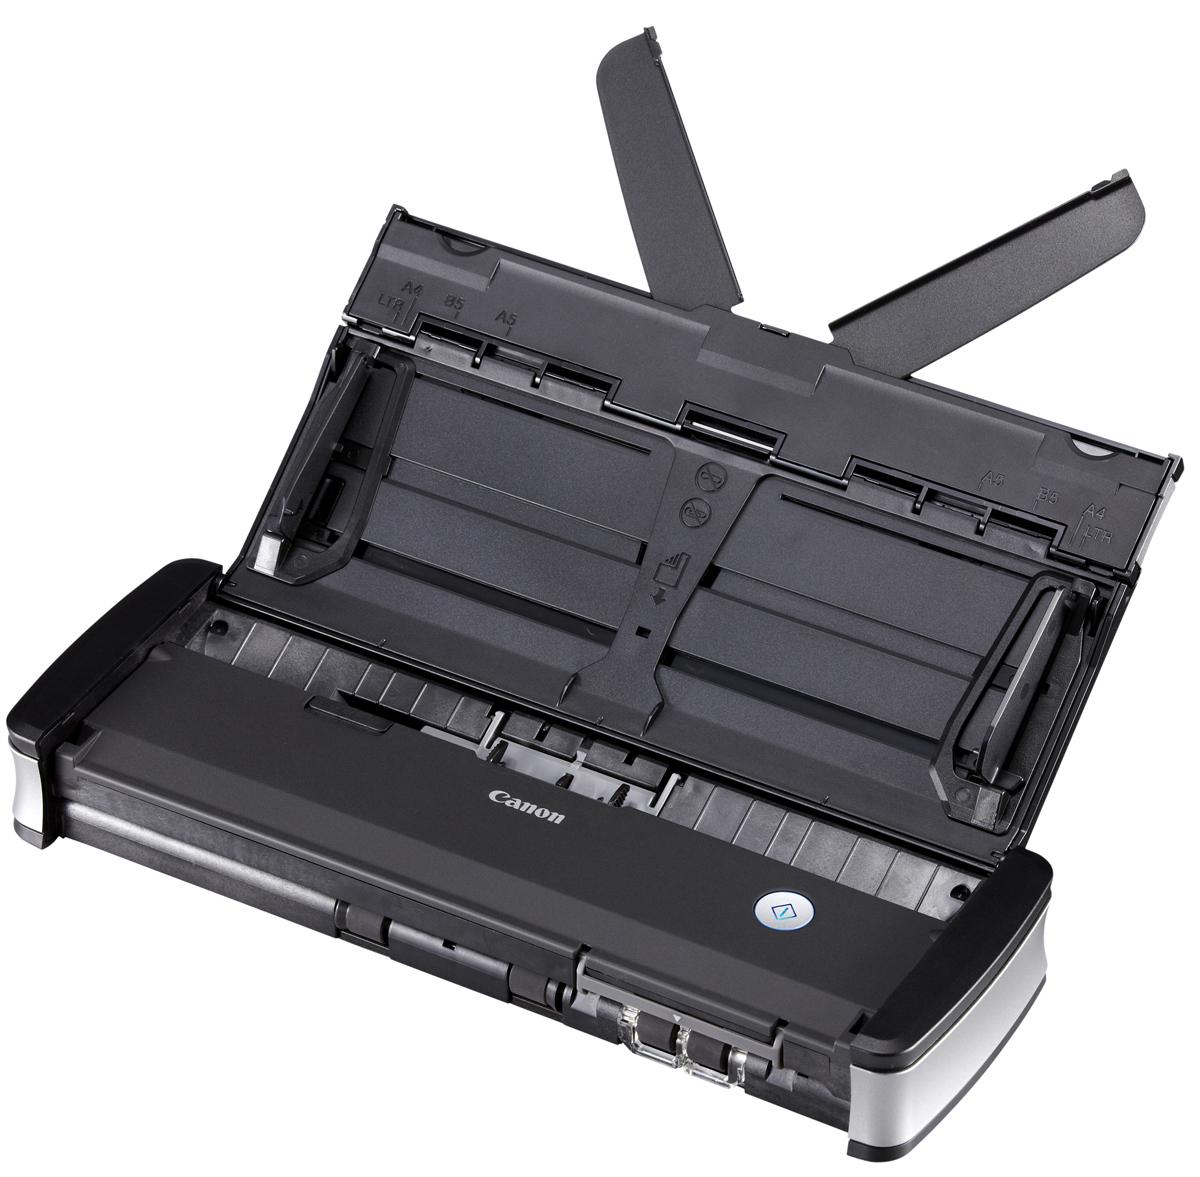 Canon P-215II (9705B003) сканер - Офисная техника